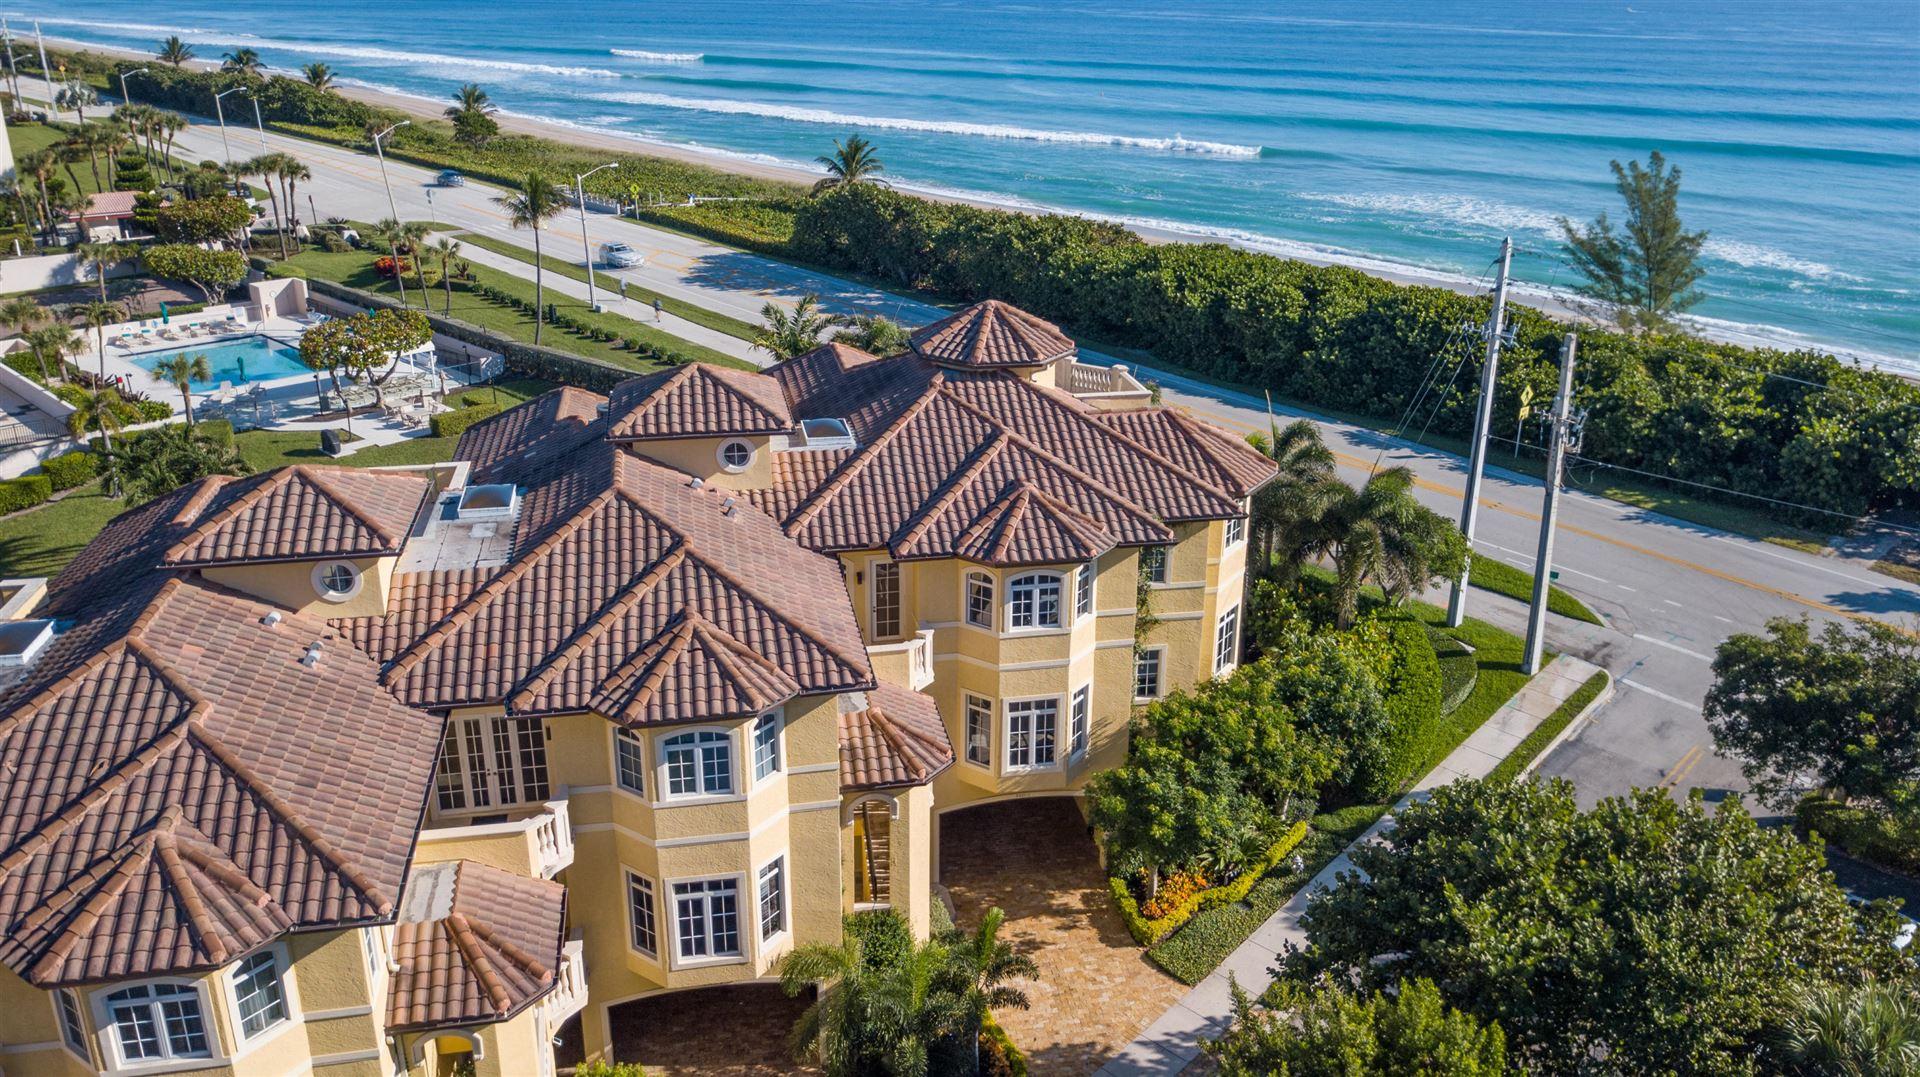 2601 N Ocean Boulevard #A, Boca Raton, FL 33431 - #: RX-10582189